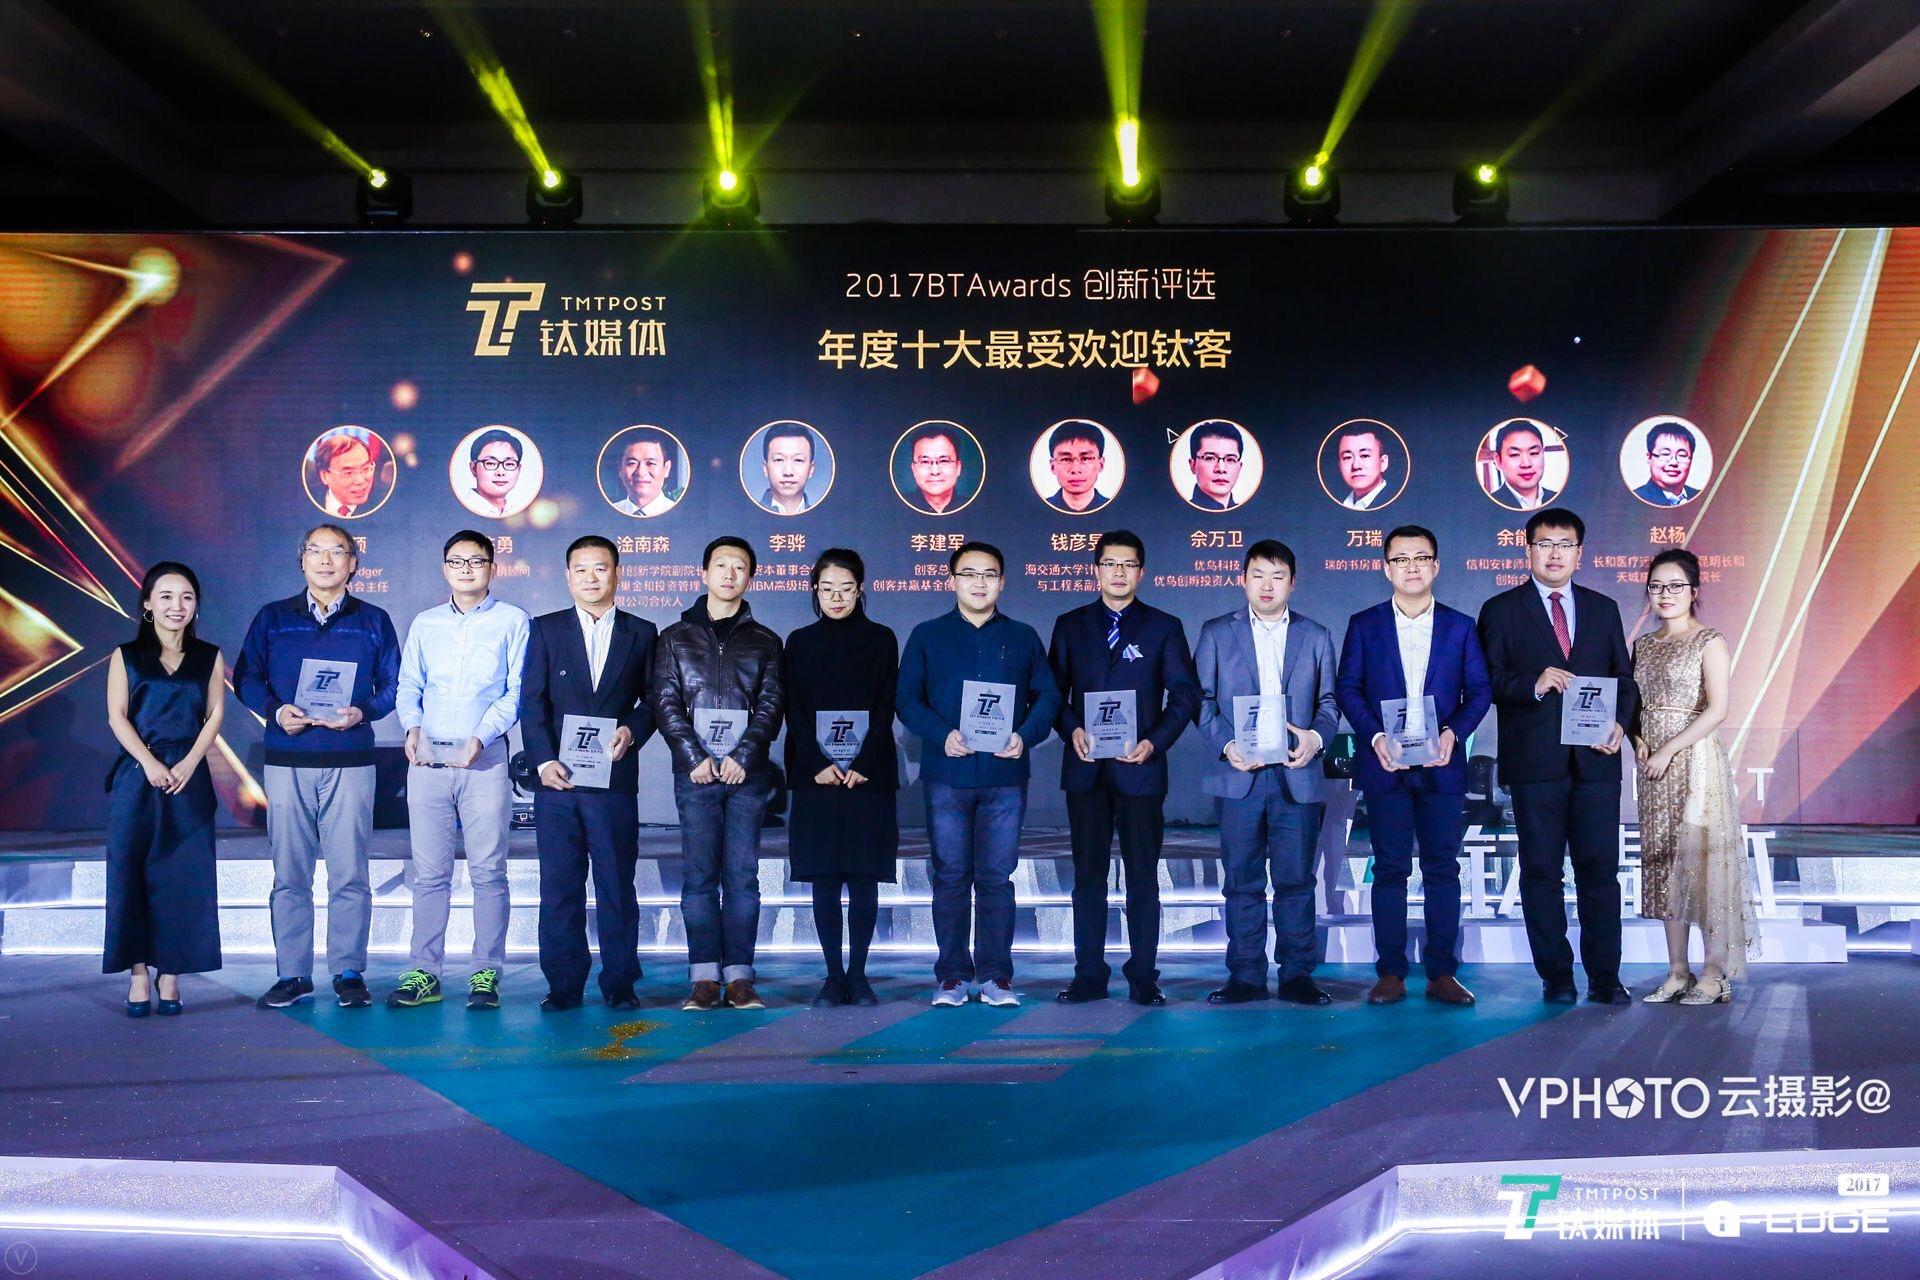 左一:钛媒体创始人、CEO赵何娟,中间依次是: 右一:钛媒体微信社群运营总监、钛坦白项目负责人佳音